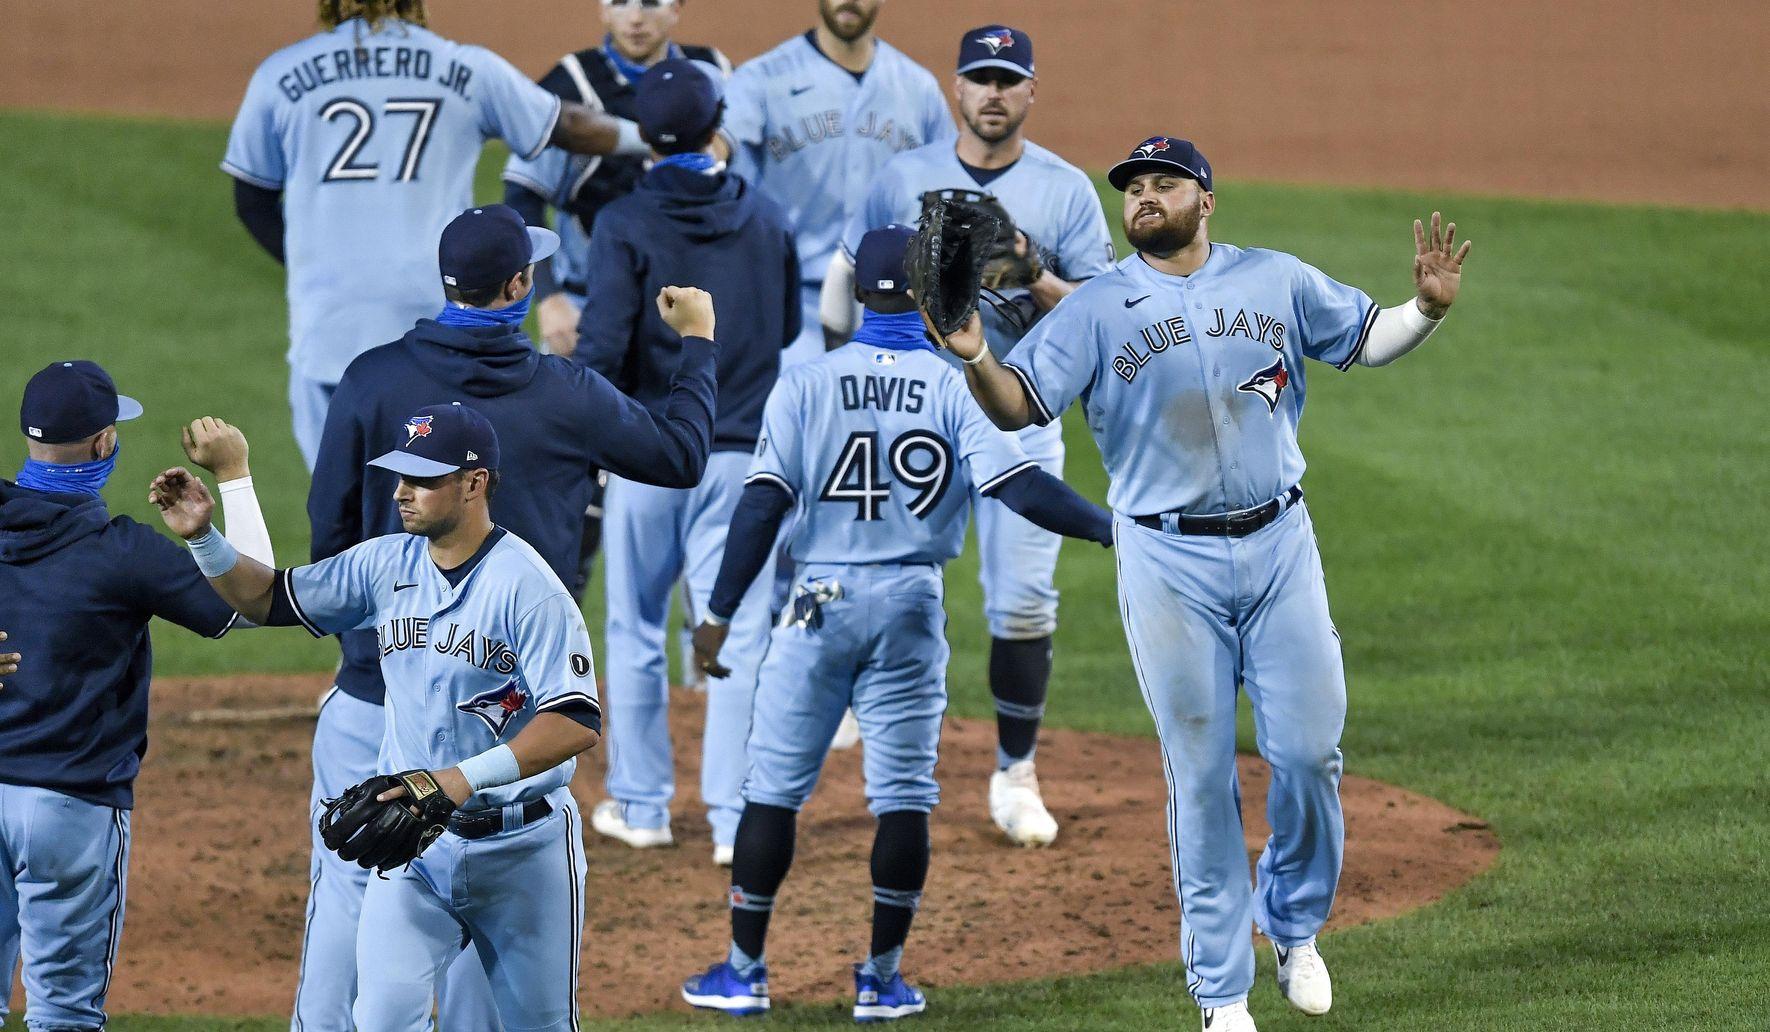 Yankees_blue_jays_baseball_91635_c0-196-4640-2901_s1770x1032